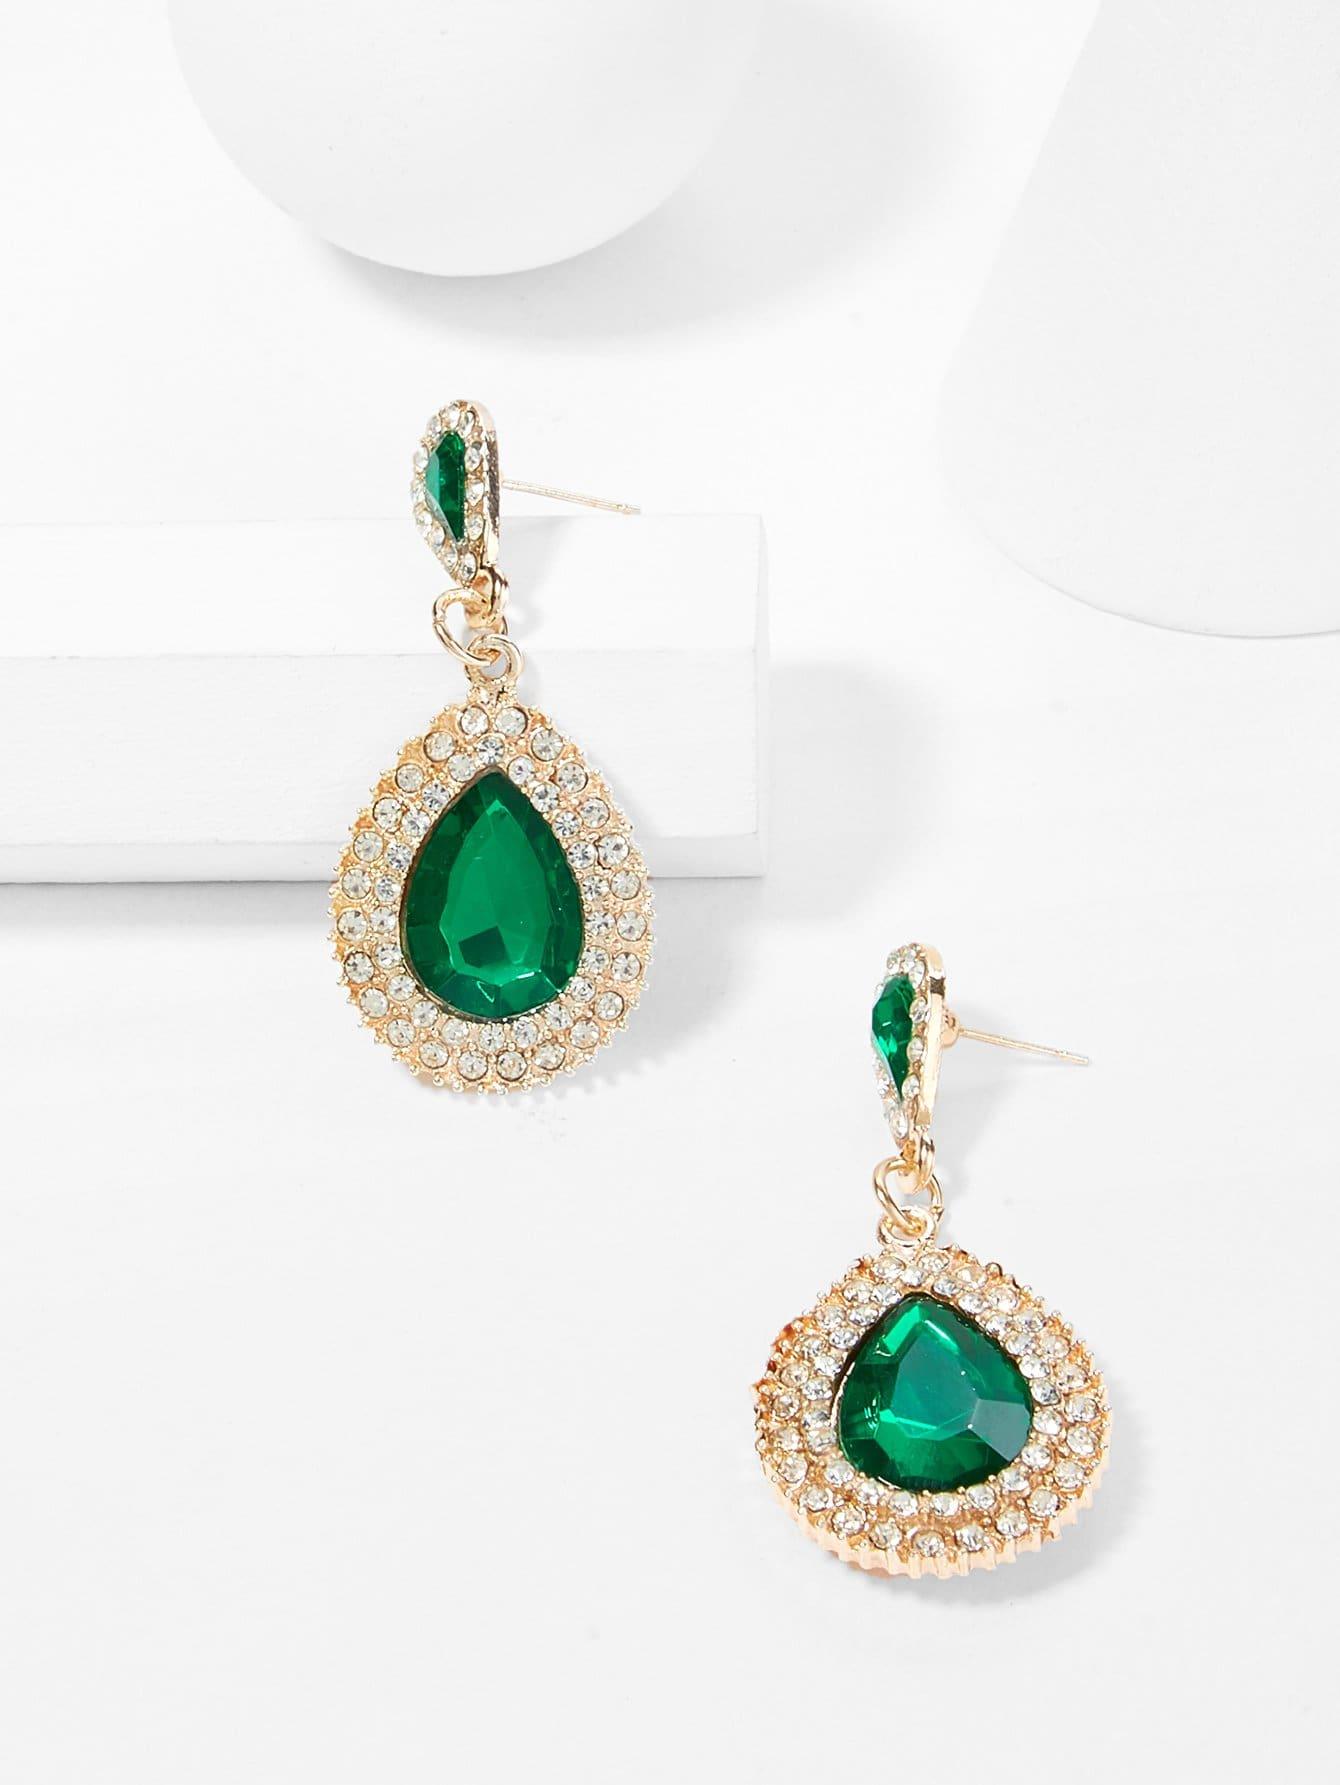 Rhinestone Water Drop Shaped Earrings scissors shaped drop hook earrings